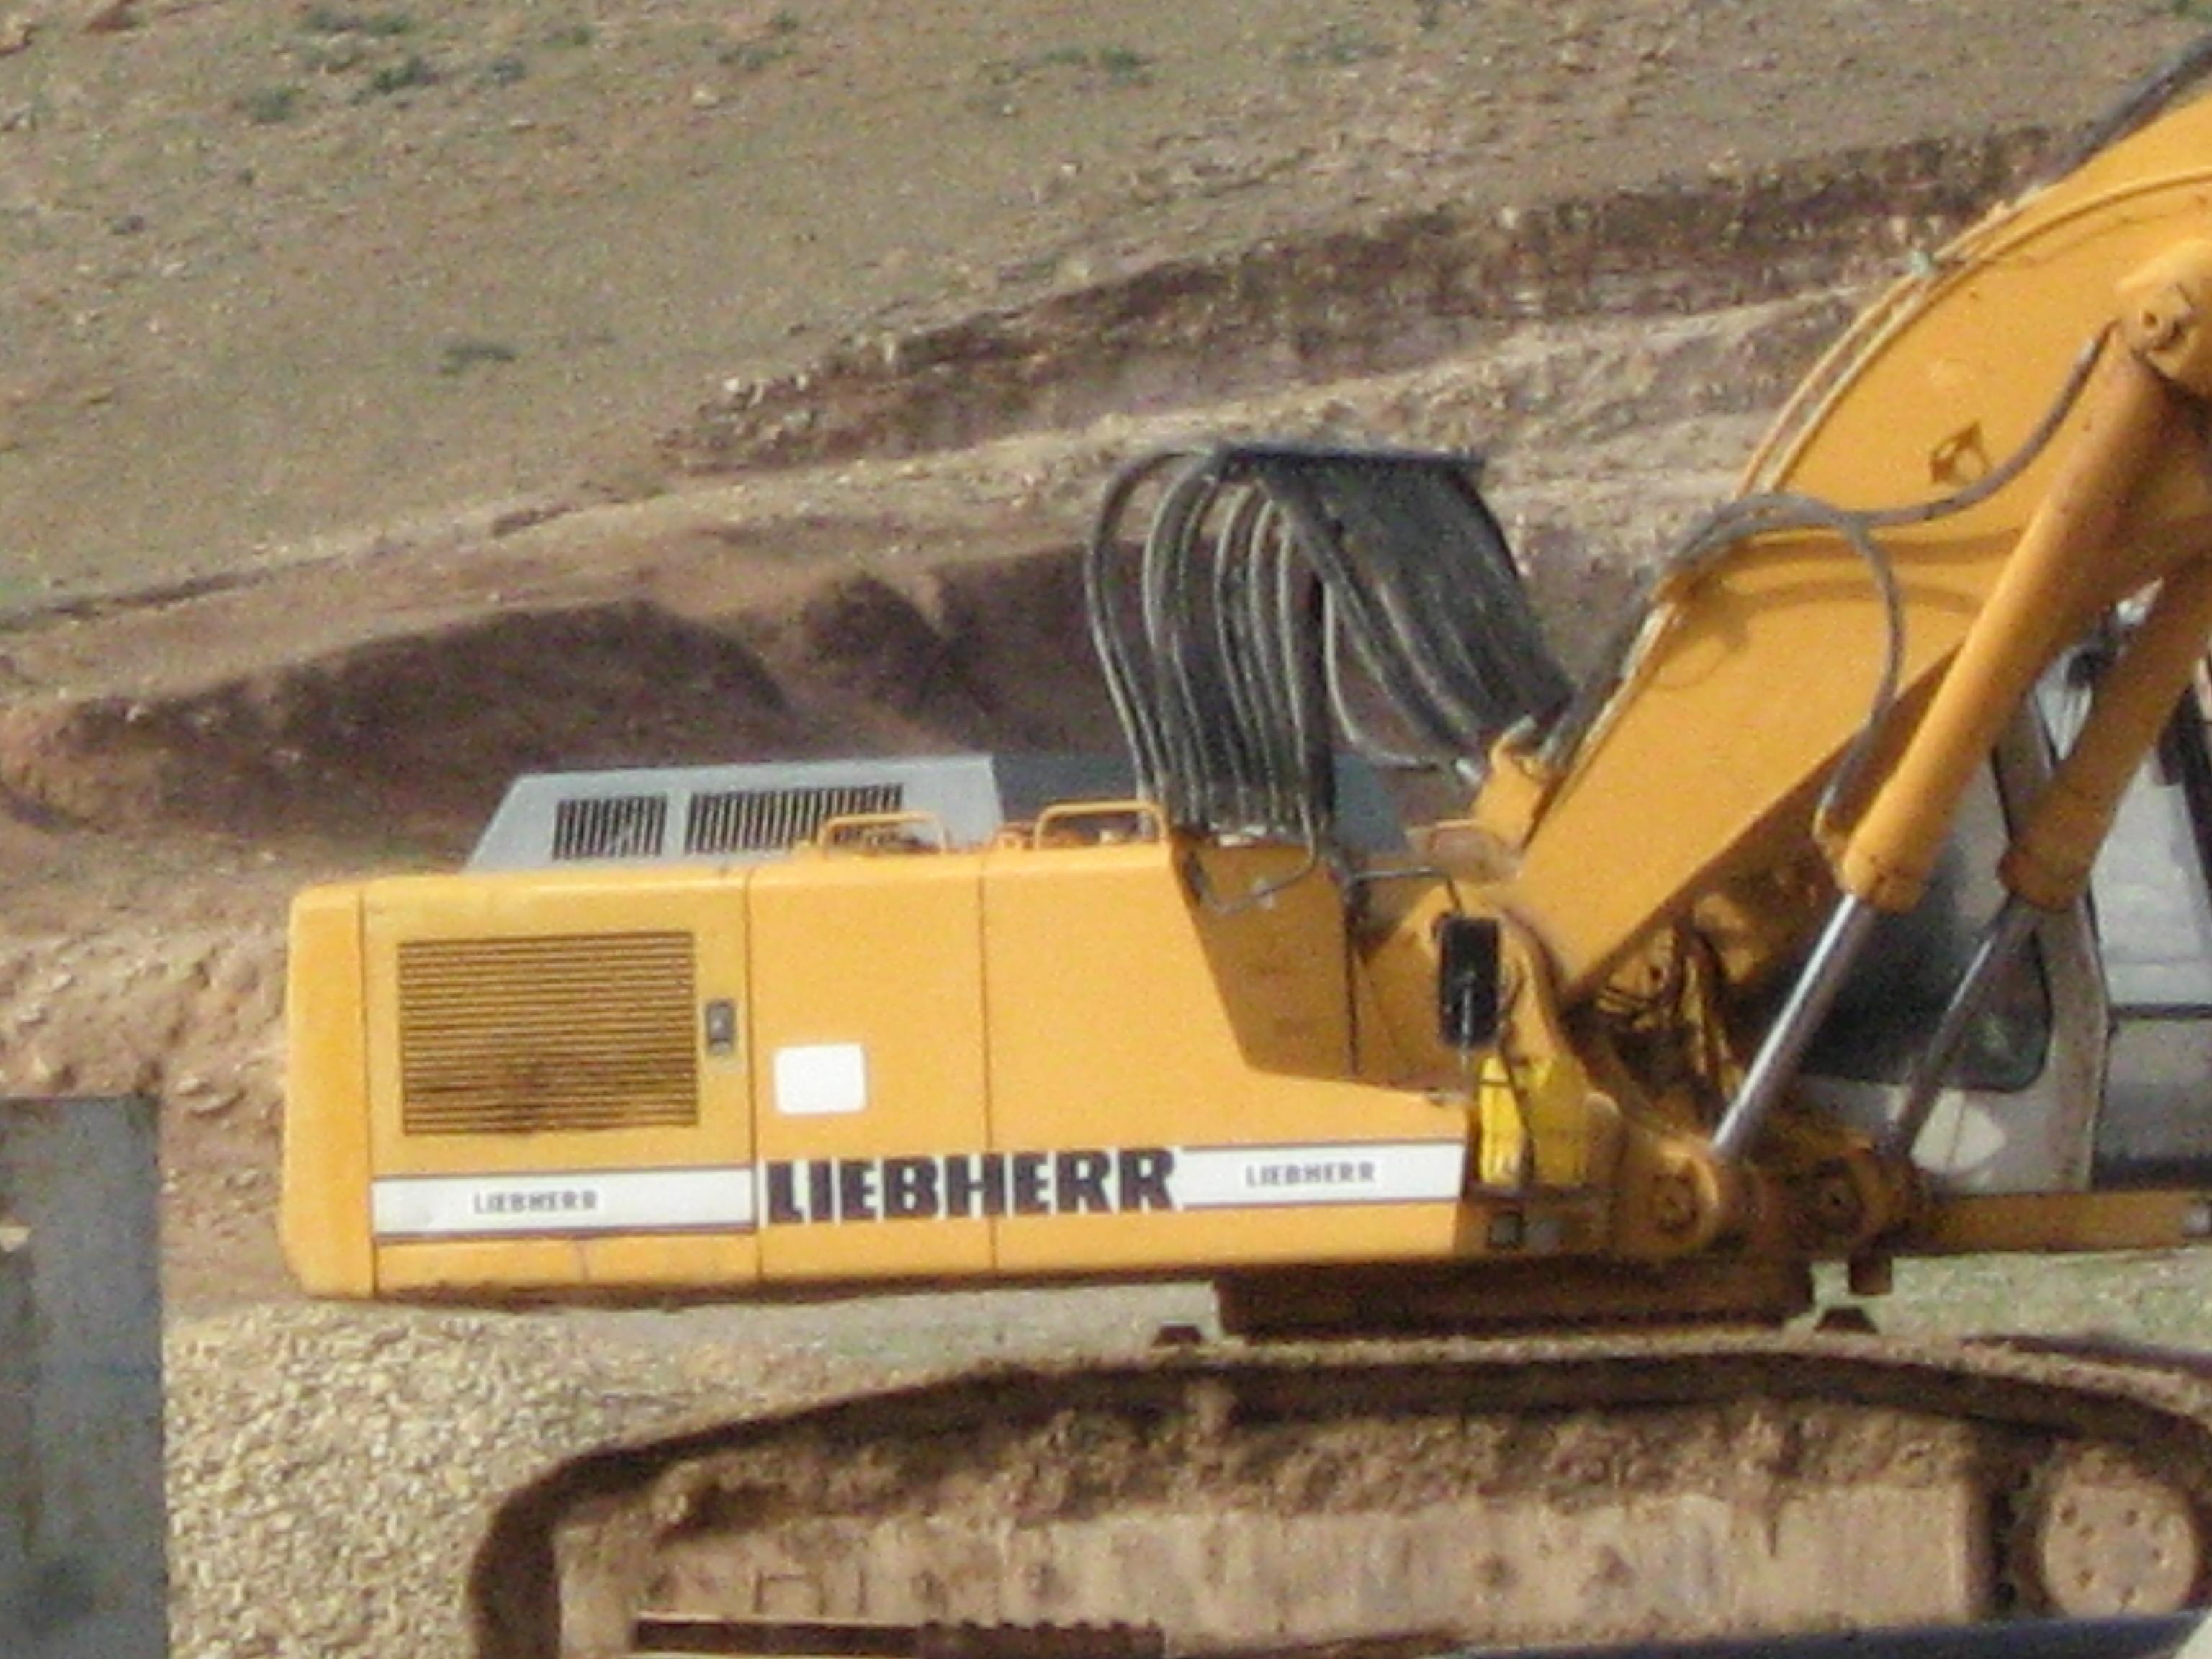 Liebherr machinery in Mishor Adumim